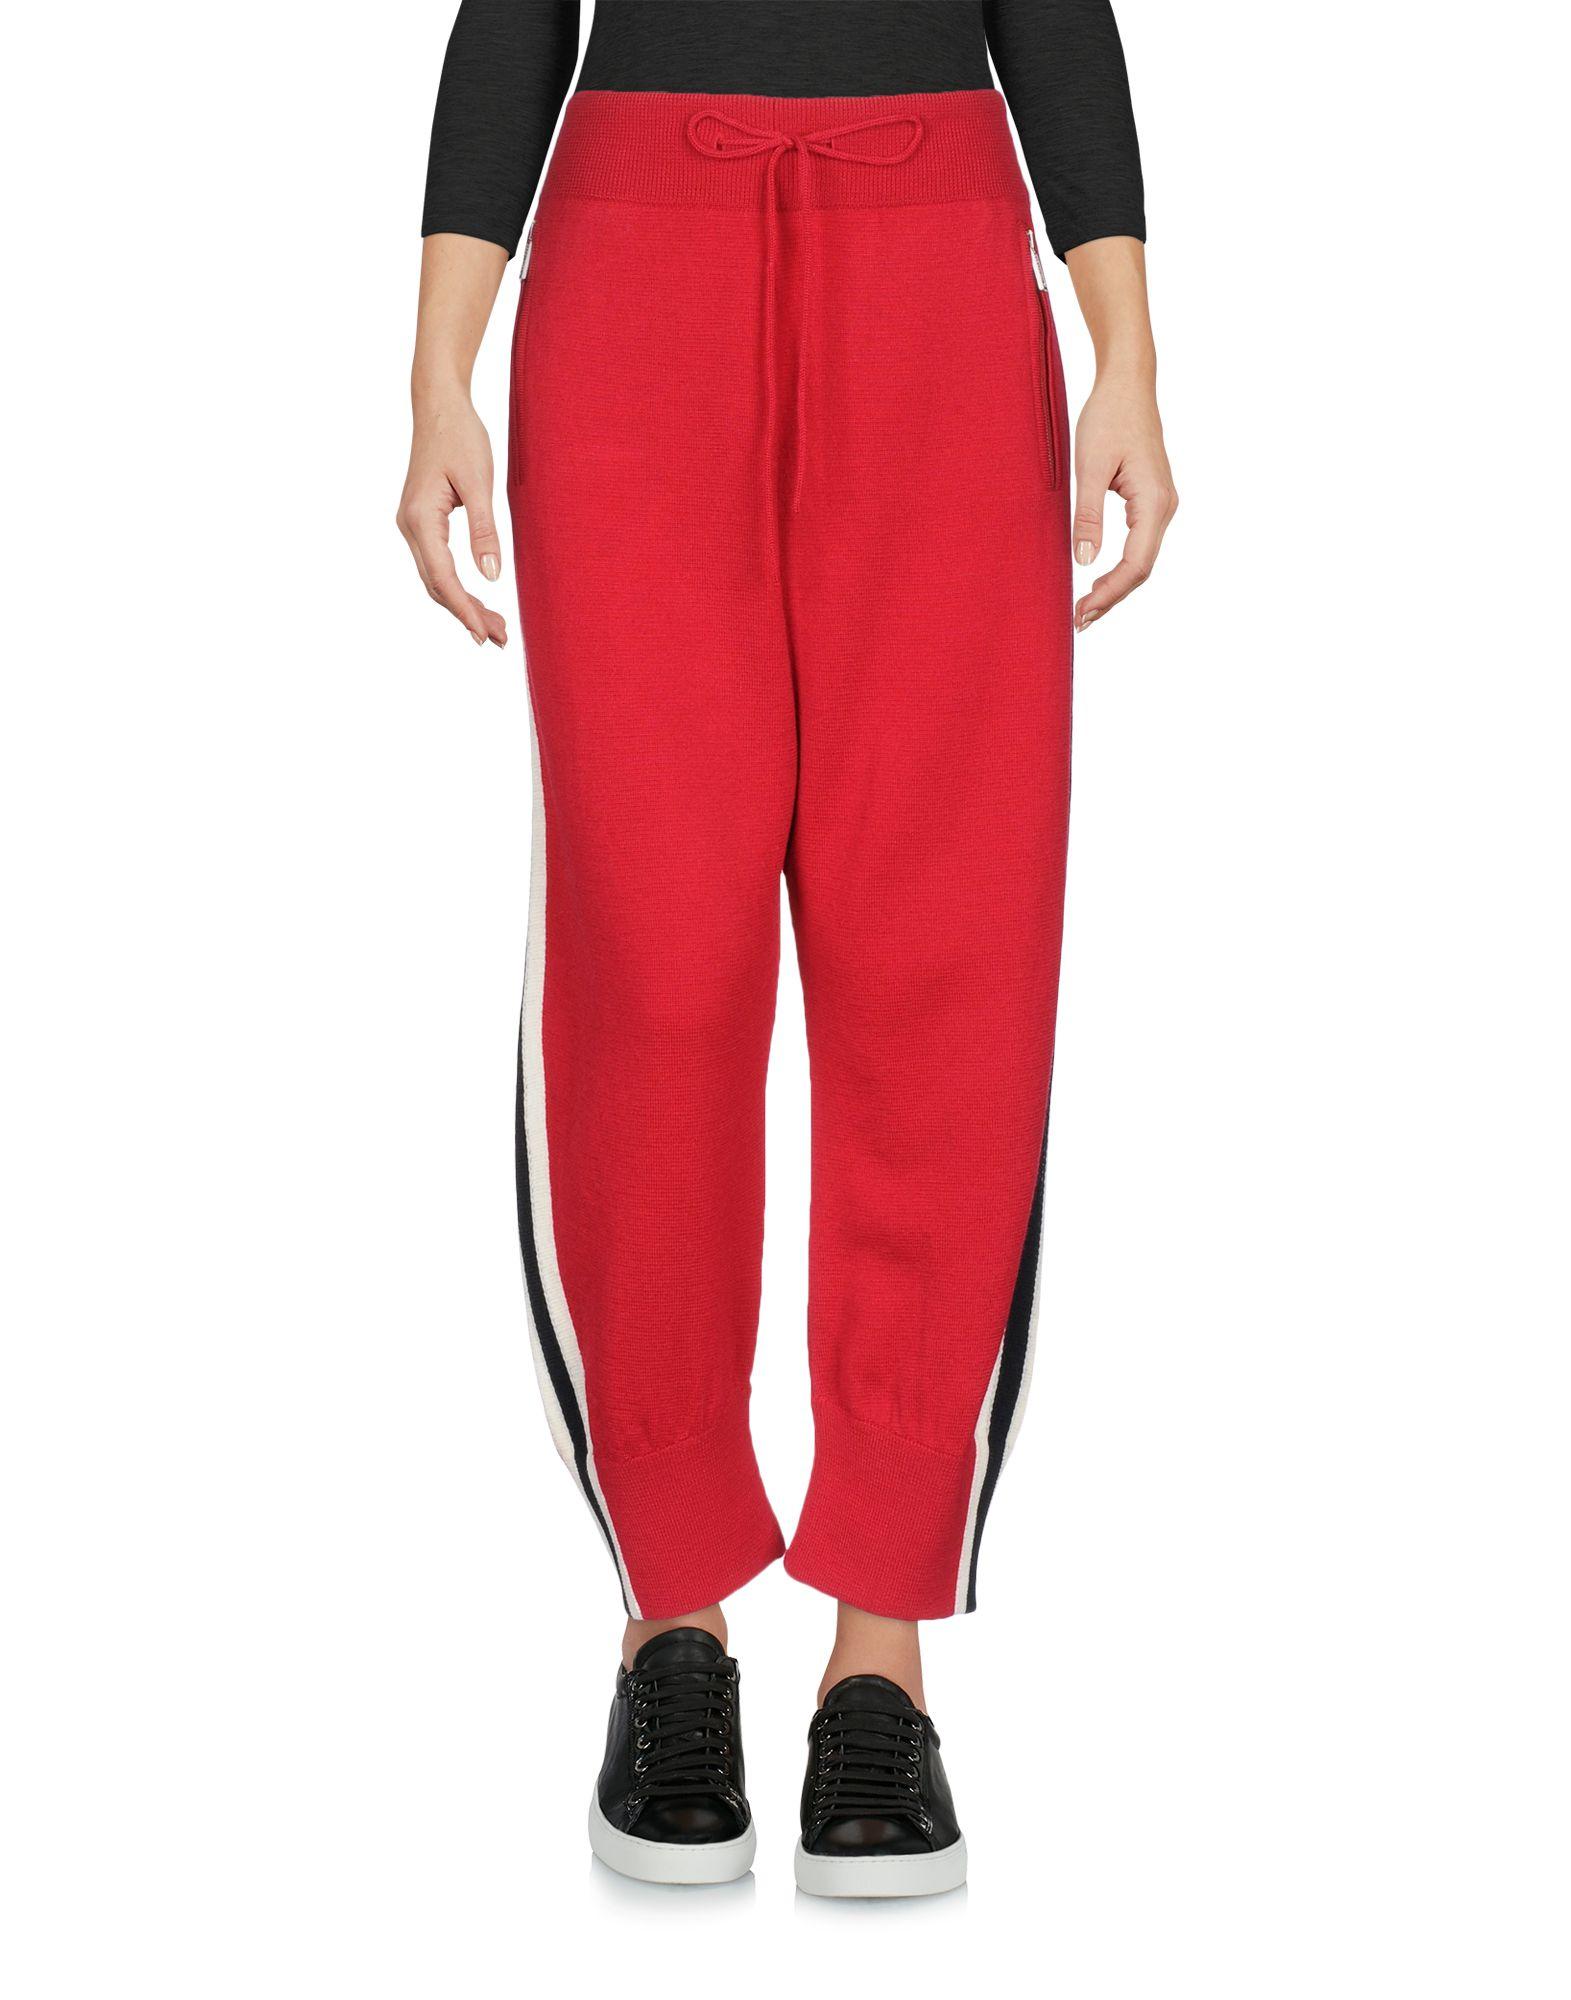 Pantalone Dsquared2 Donna - Acquista online su QDYuqh2B